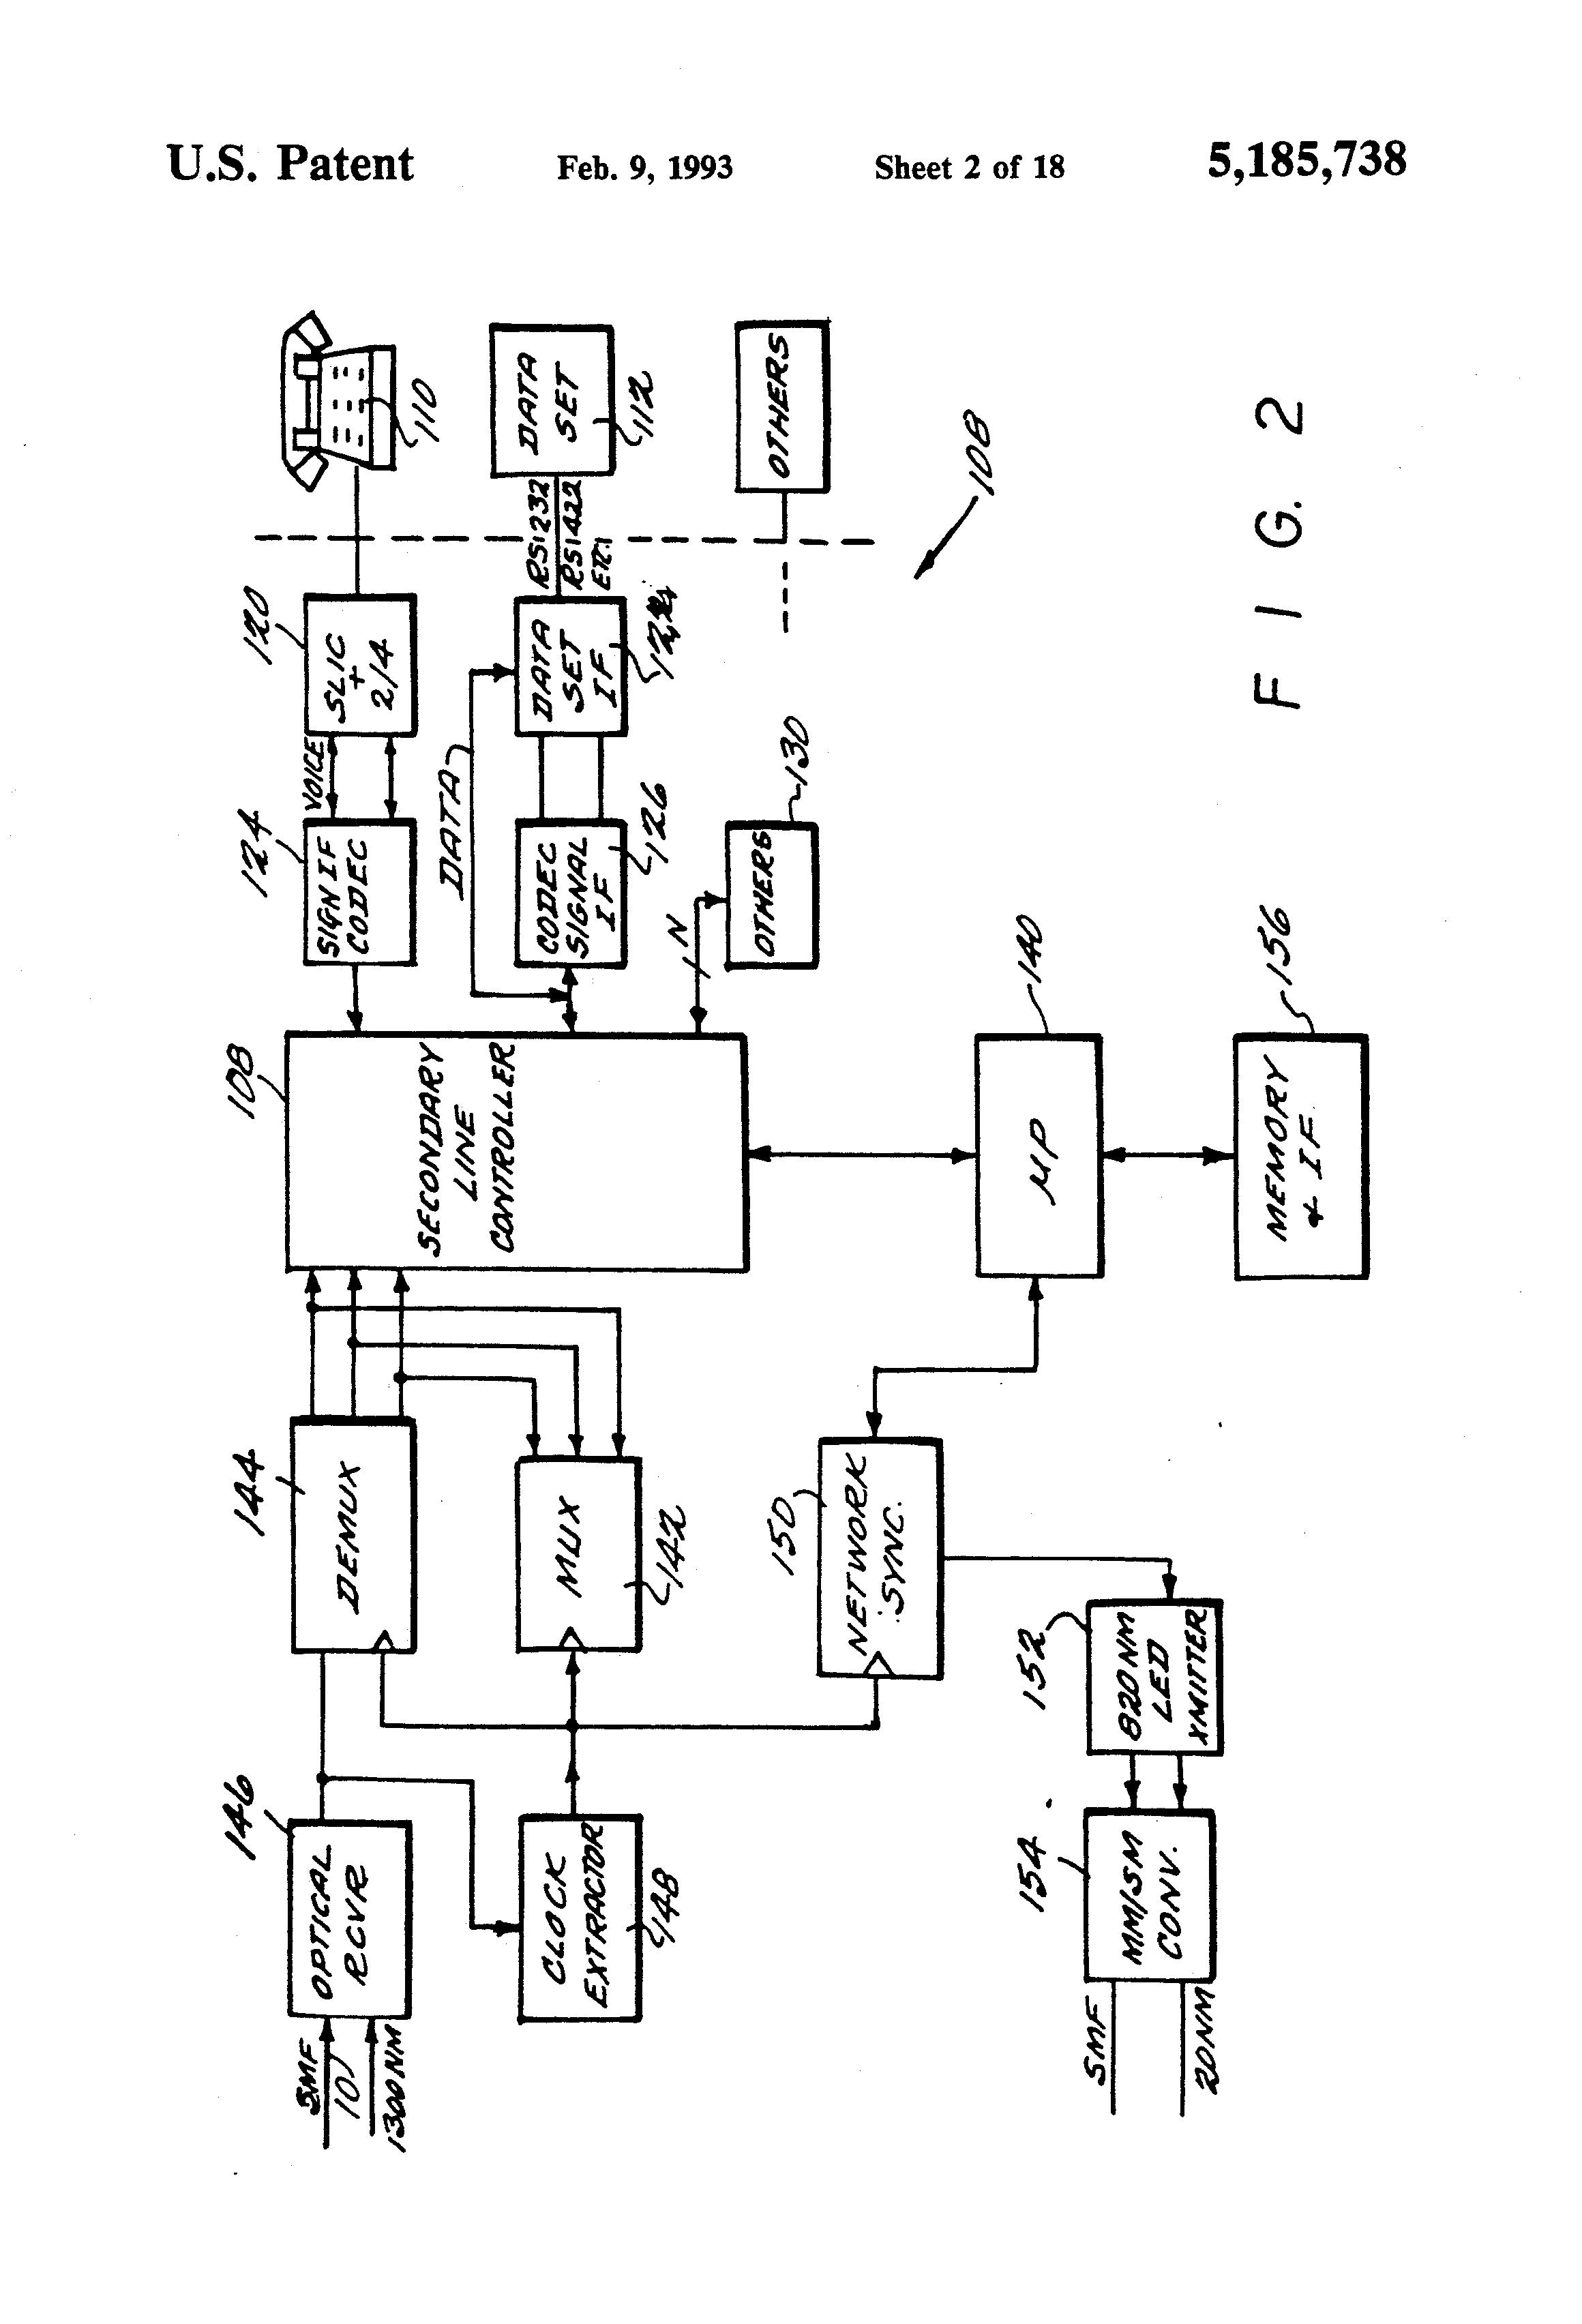 Sm 1232 Wiring Diagram HVAC Wiring Diagrams • Wiring